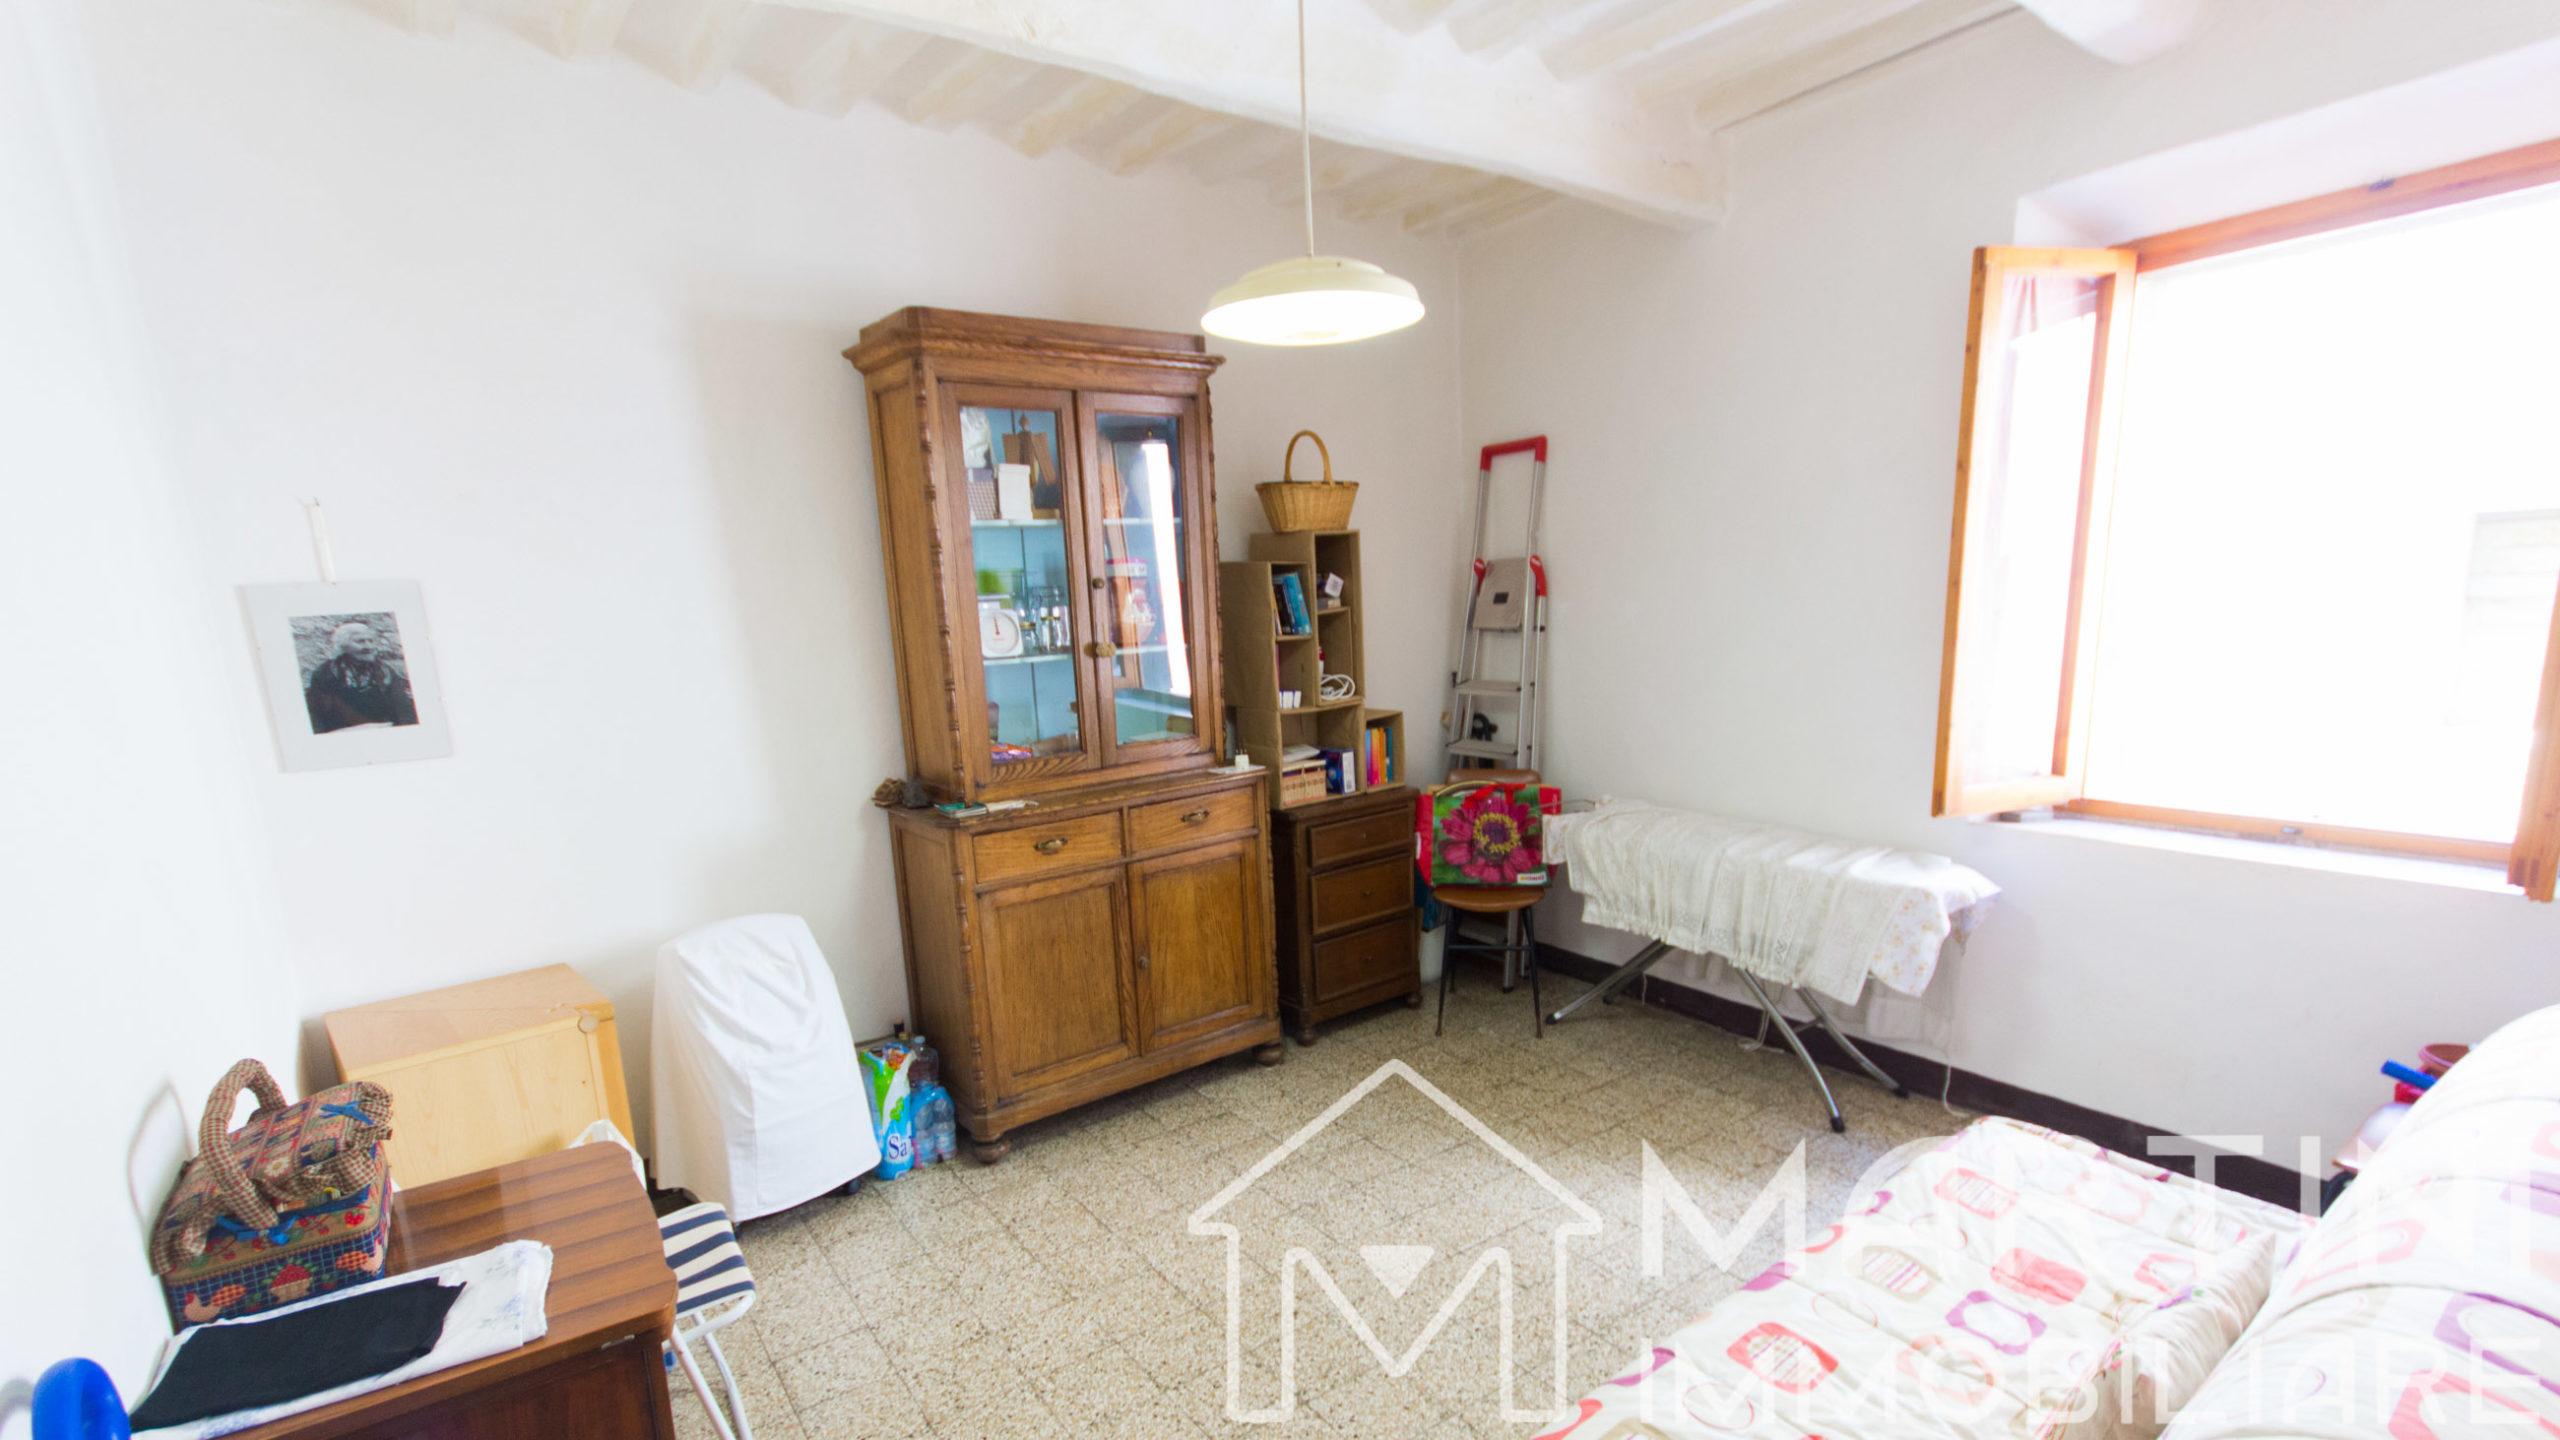 Appartamento di Due Camere con Facile Accesso